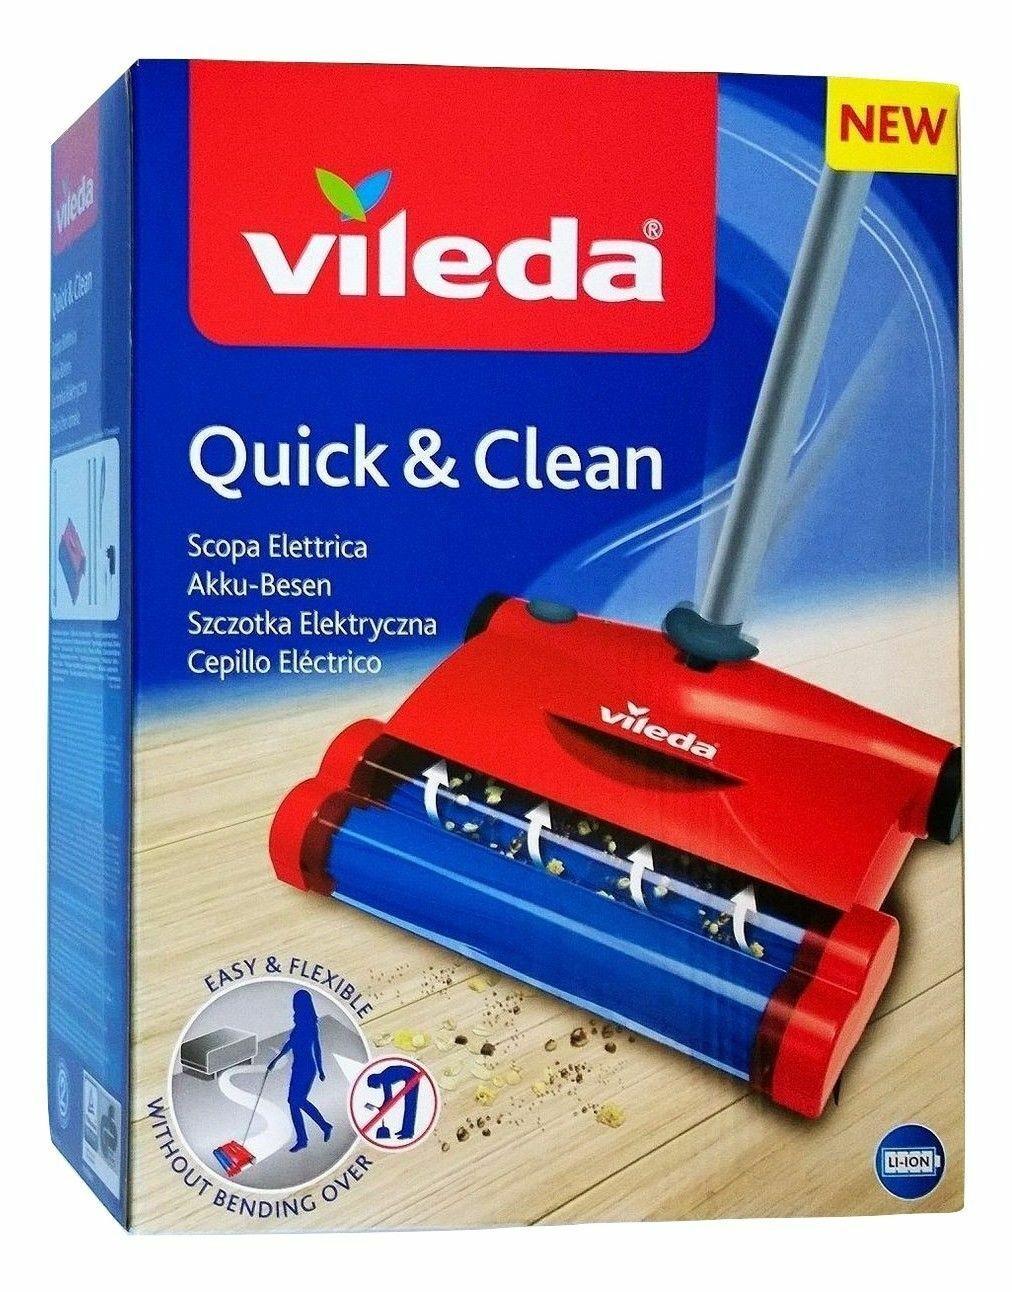 Vileda Quick & Clean Akkubesen Teppichkehrer Rot